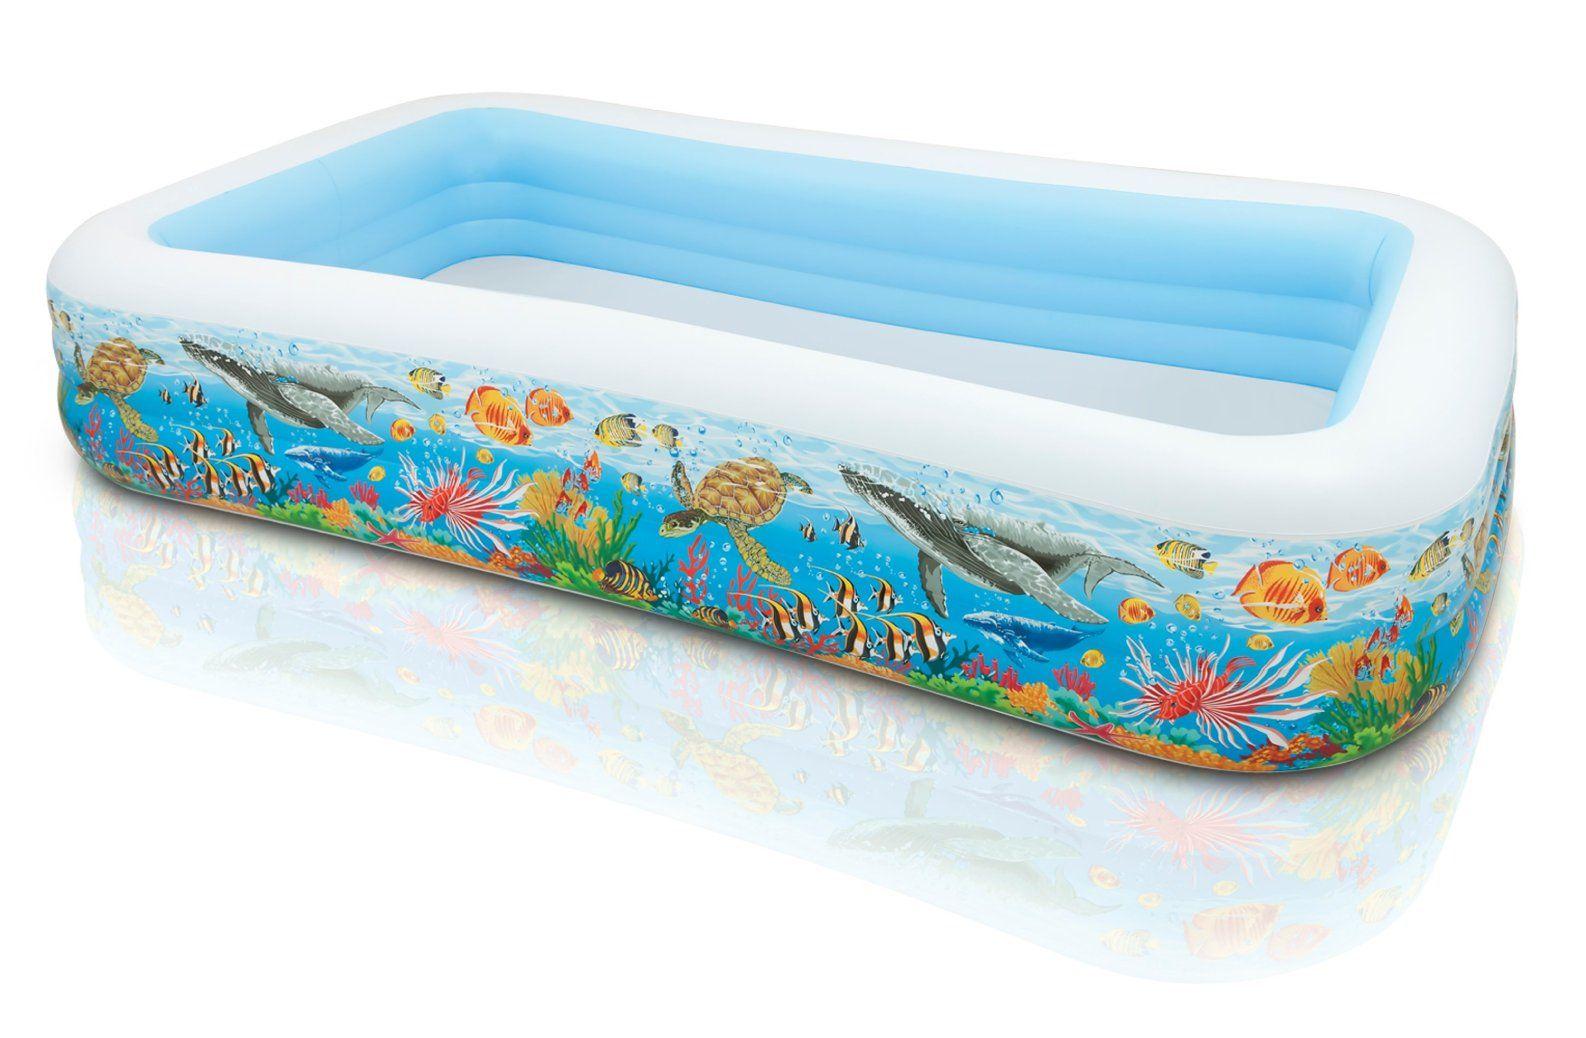 Intex Aufblasbar Rechteckig Mehrfarben Aufstellpool Alter: Schwimmbecken  Tropical Reef Mehrfarbig. Hier Klicken, Um Weiterzulesen. Ihr Onlineshop In